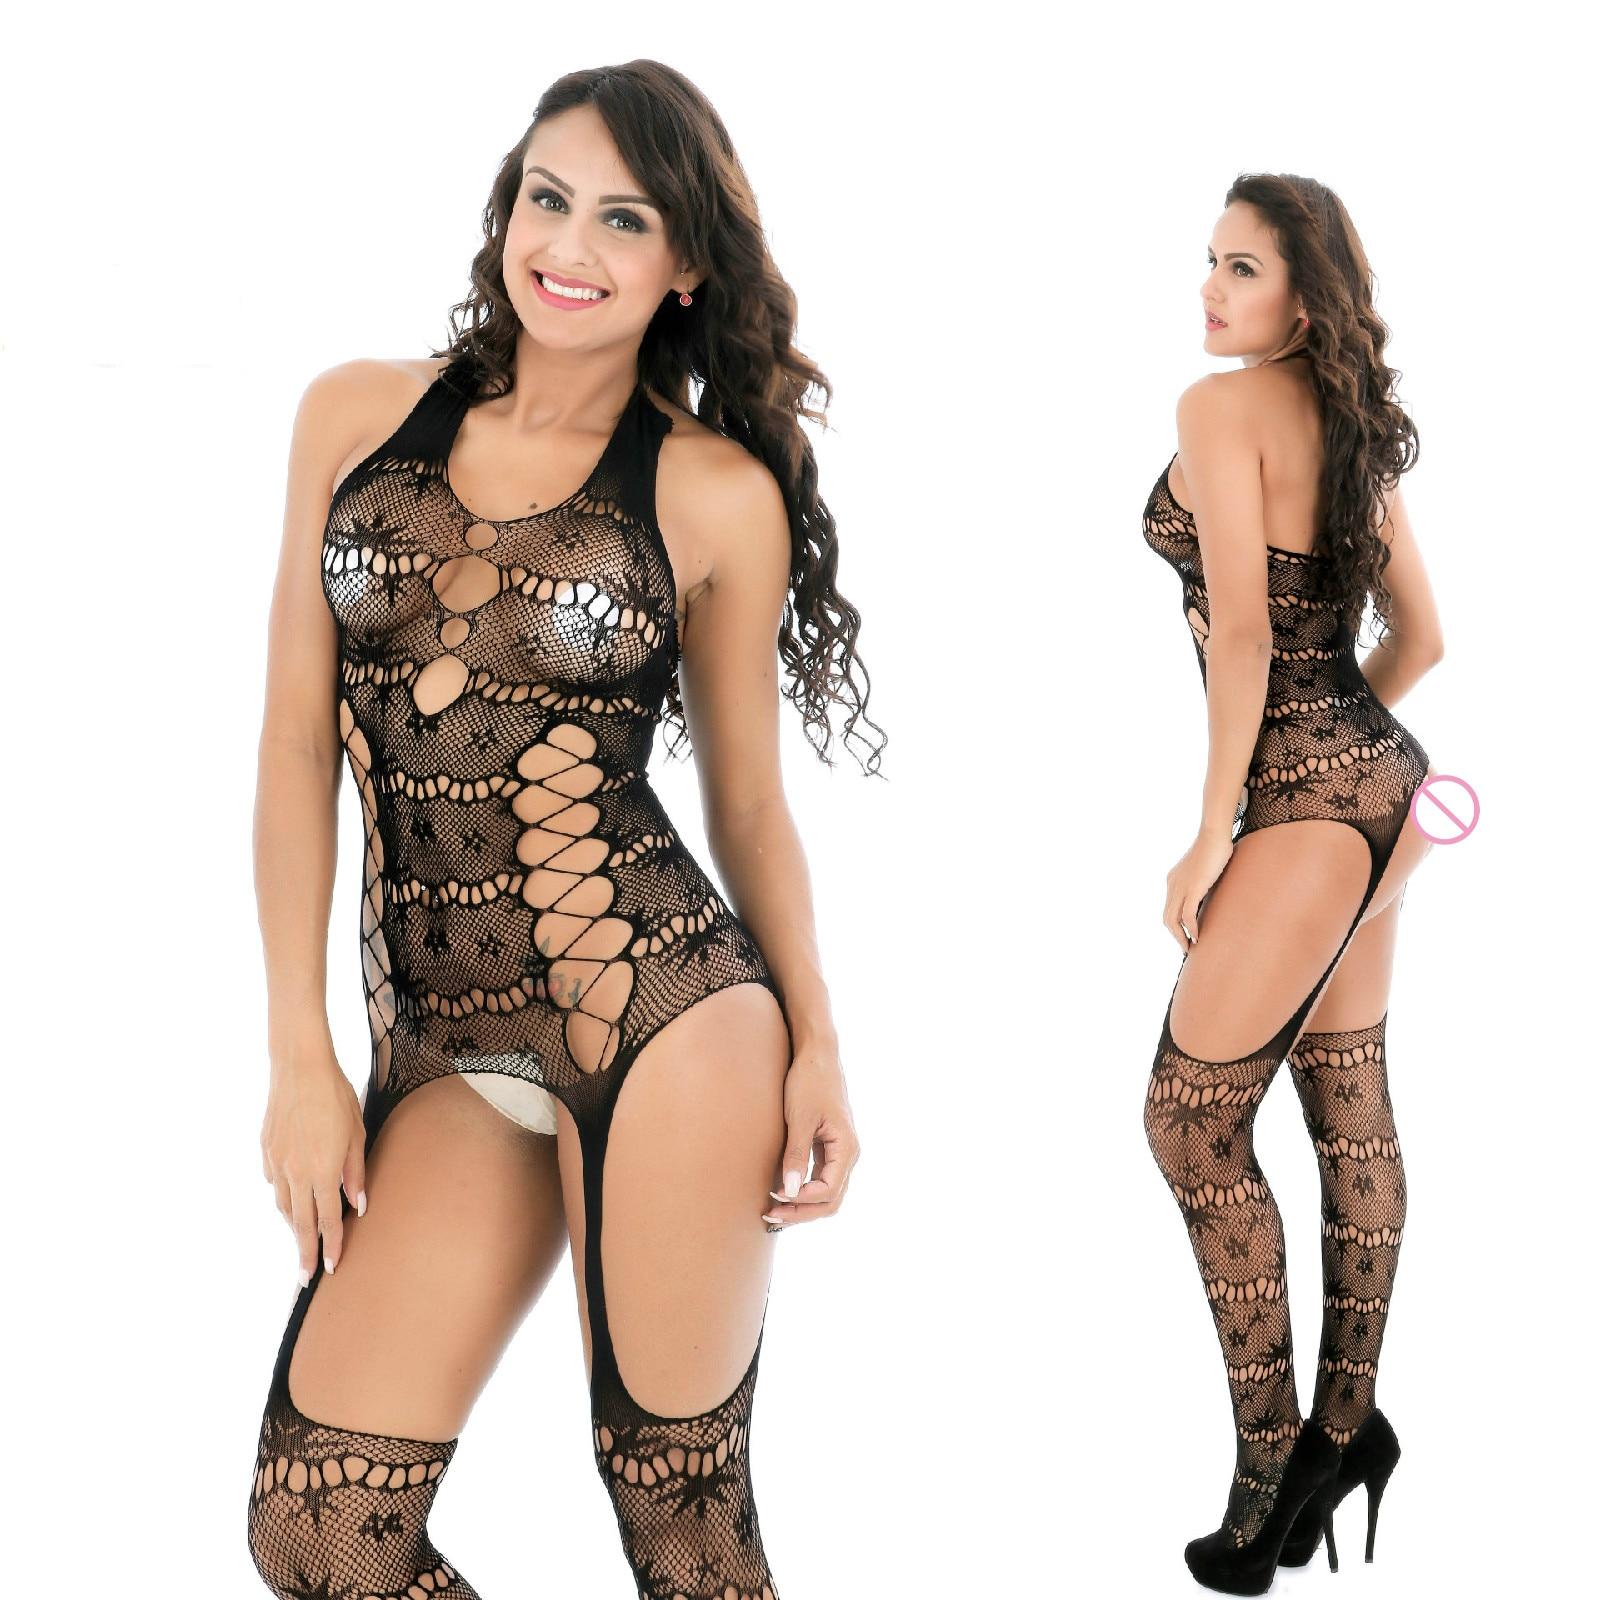 De Goedkoopste Prijs Sexy Panty Kousen Sexy Lingerie Hoge Elastische Strakke Hol Mesh Erotische Netto Jurk Perspectief Open Kruis Bodysuits Uitgebreide Selectie;